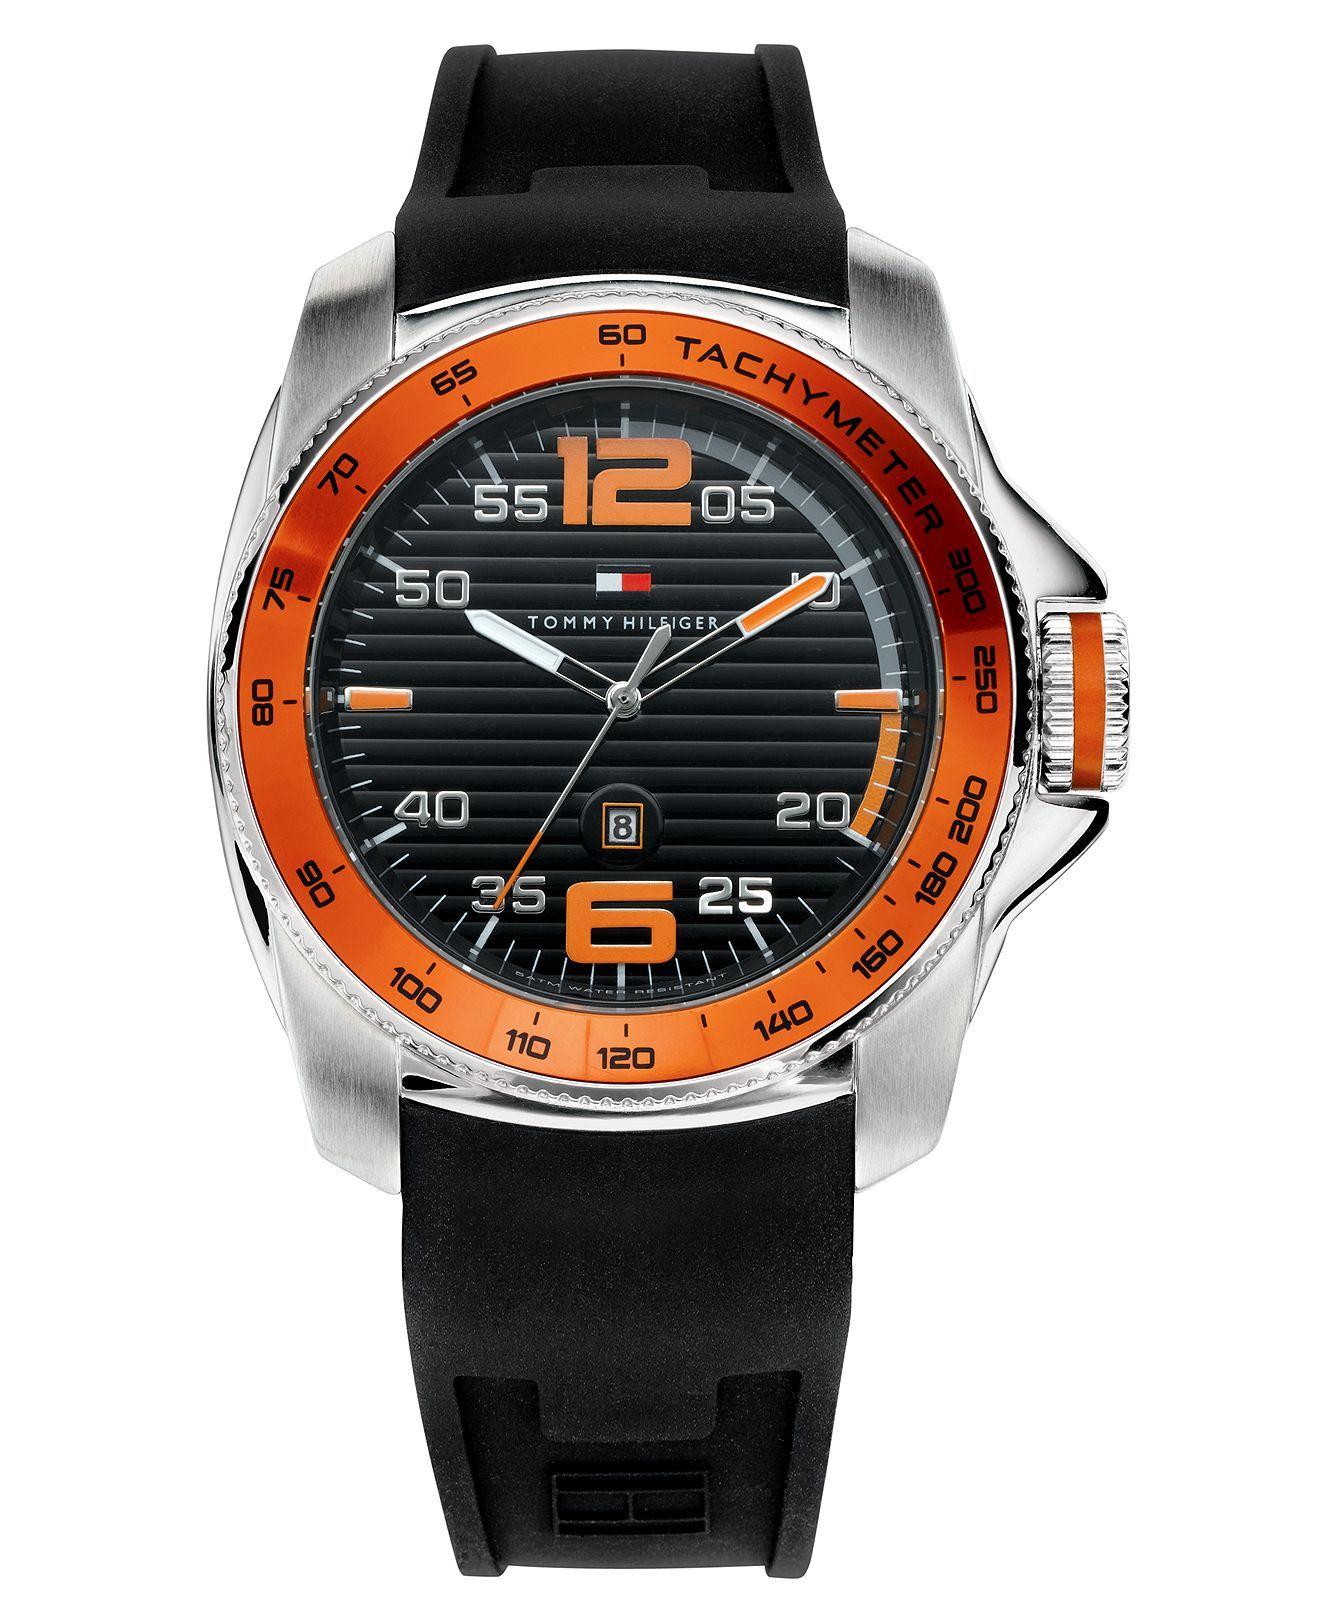 71c619adeb3 Tommy Hilfiger Digital Watch